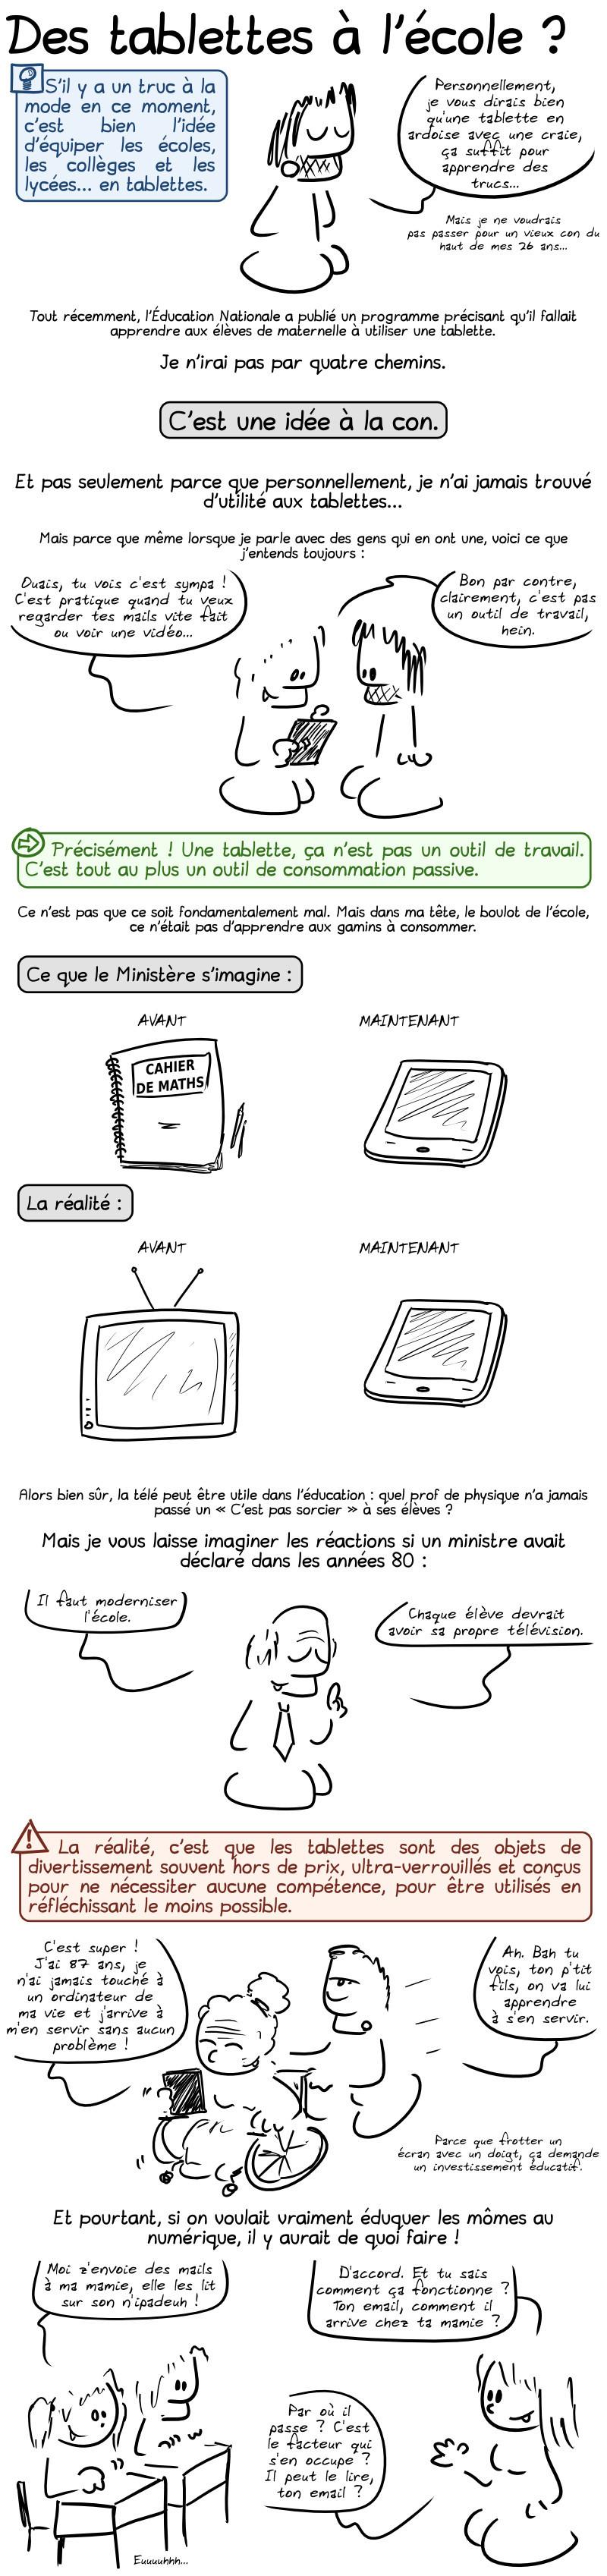 dm_003_des_tablettes_a_l_ecole_1